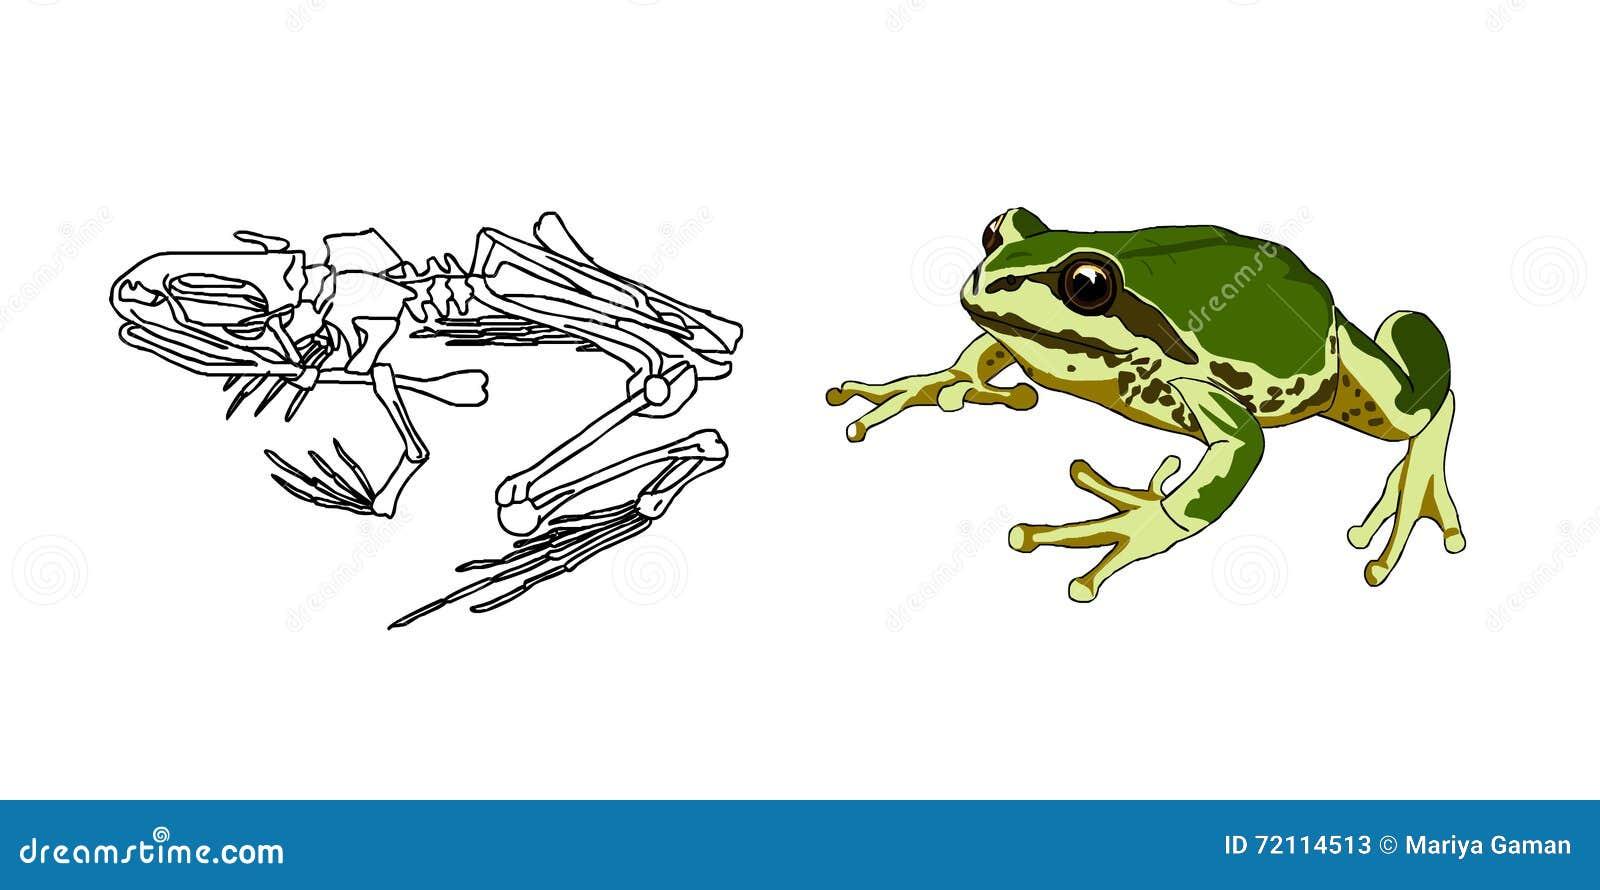 Das Skelett Von Amphibien Kröte Frosch Anatomie Vektor Vektor ...